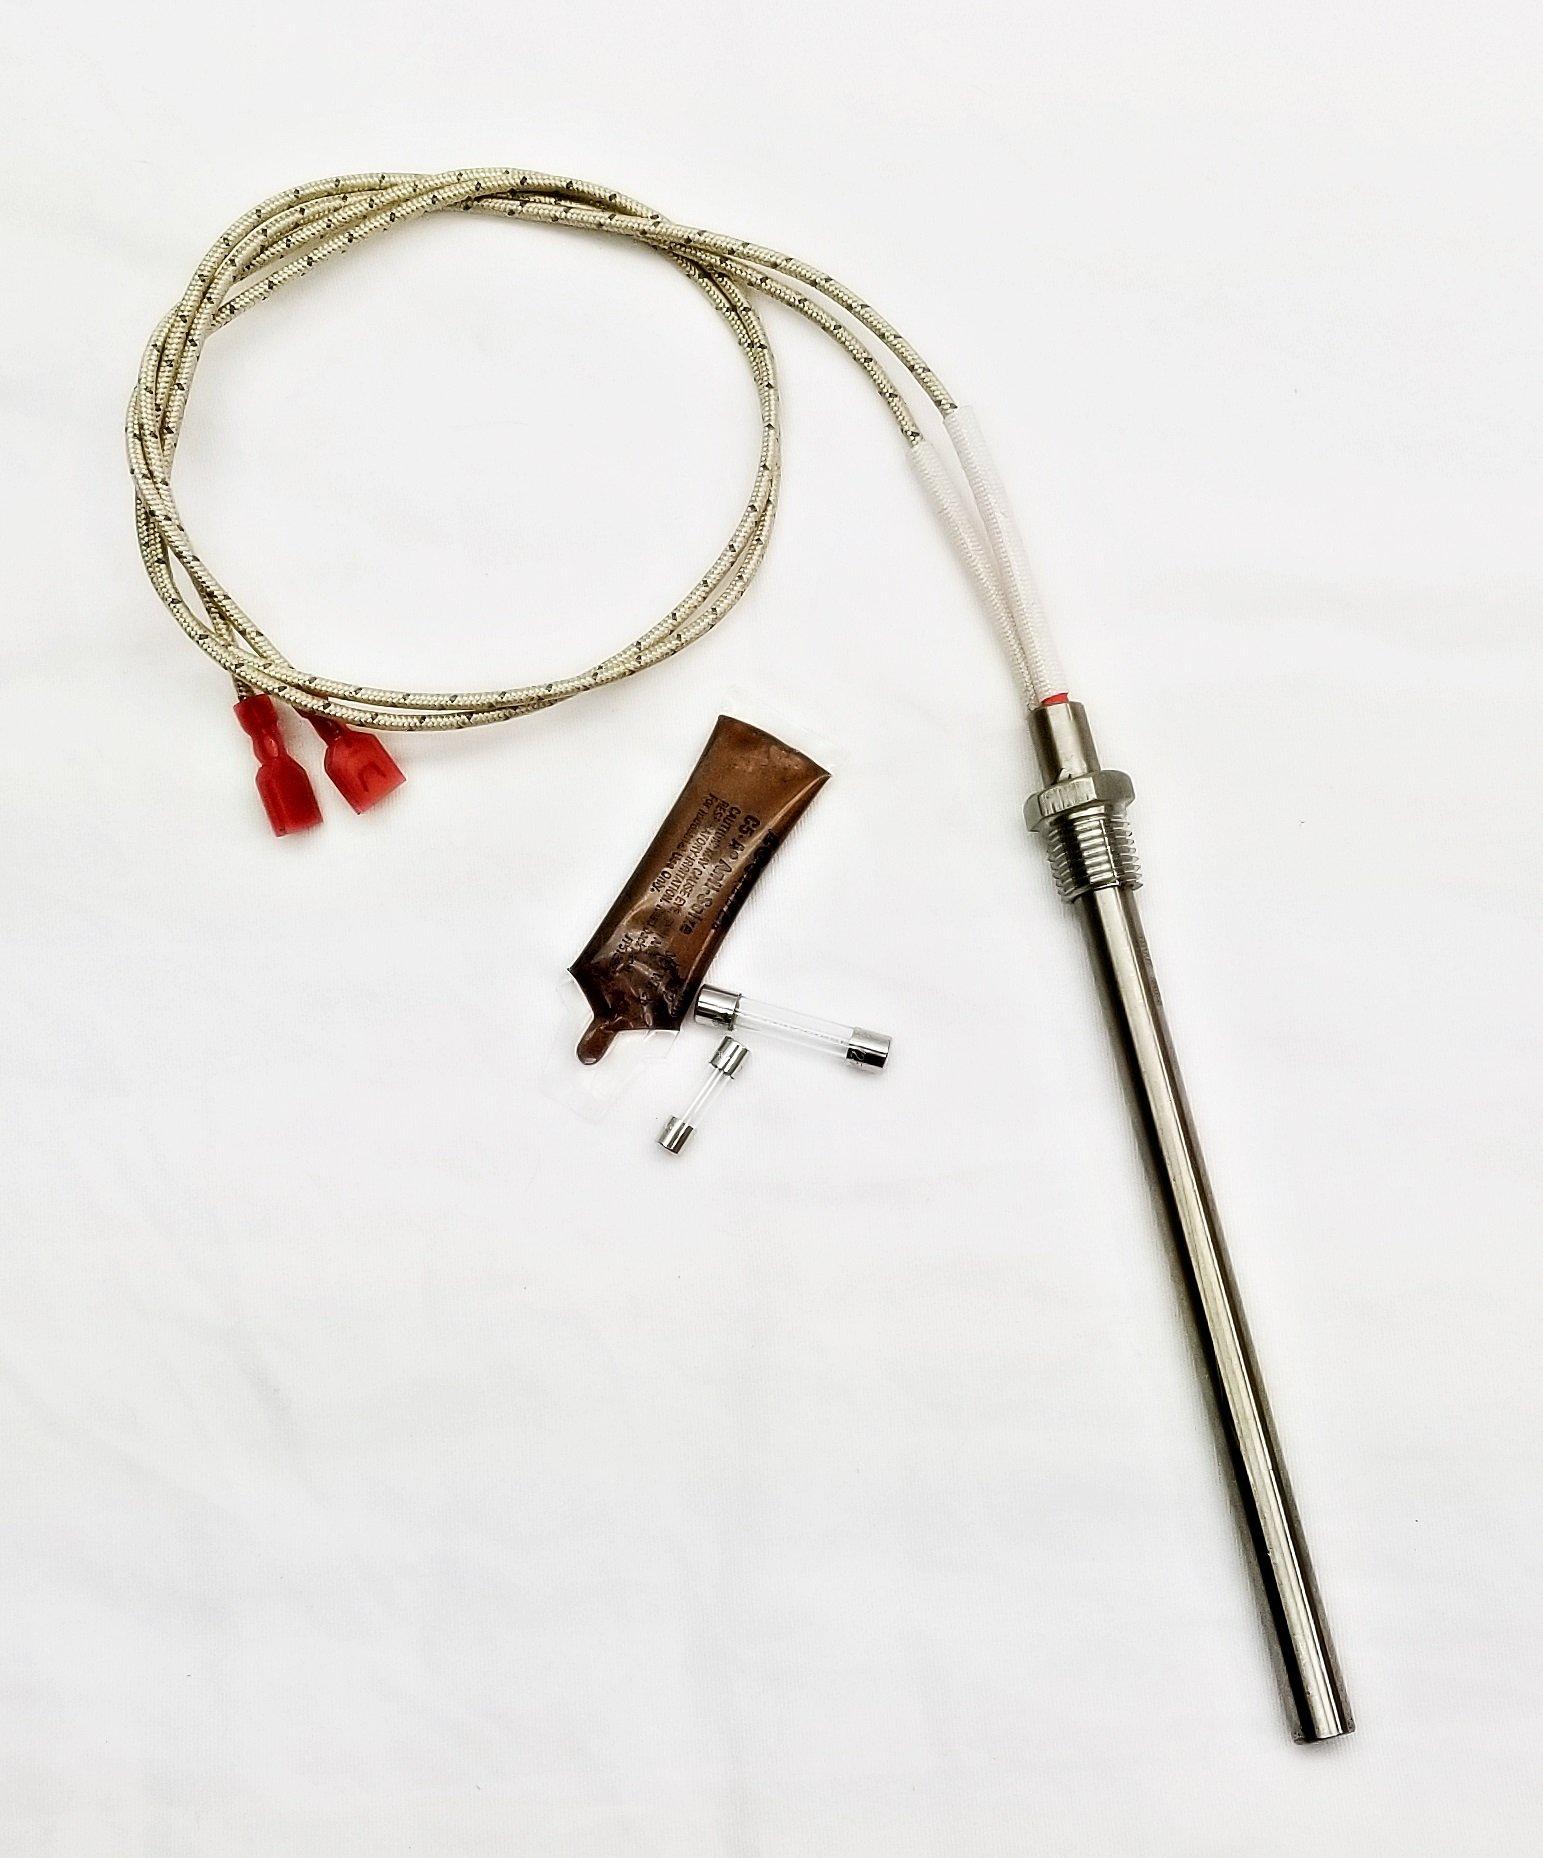 Whitfield & Lennox Pellet Stove Igniter Upgrade Kit - 12150213 - H8127